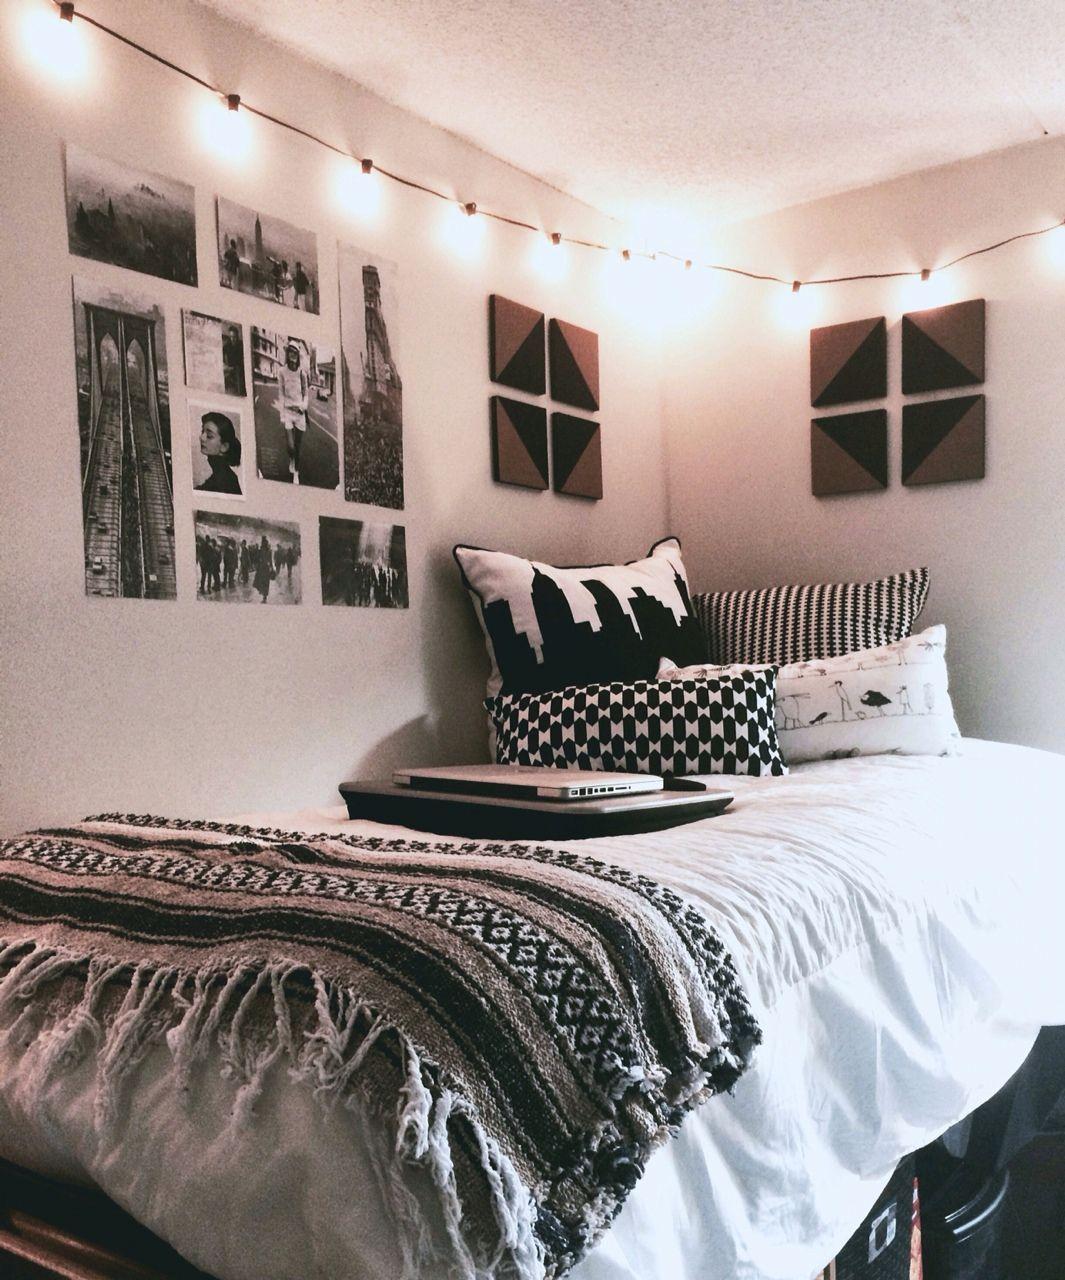 Decoracao Simples E Charmosa Para Quartos Pequenos Otima Inspiracao Para Quem Quer Decorar O Quarto Dorm Room